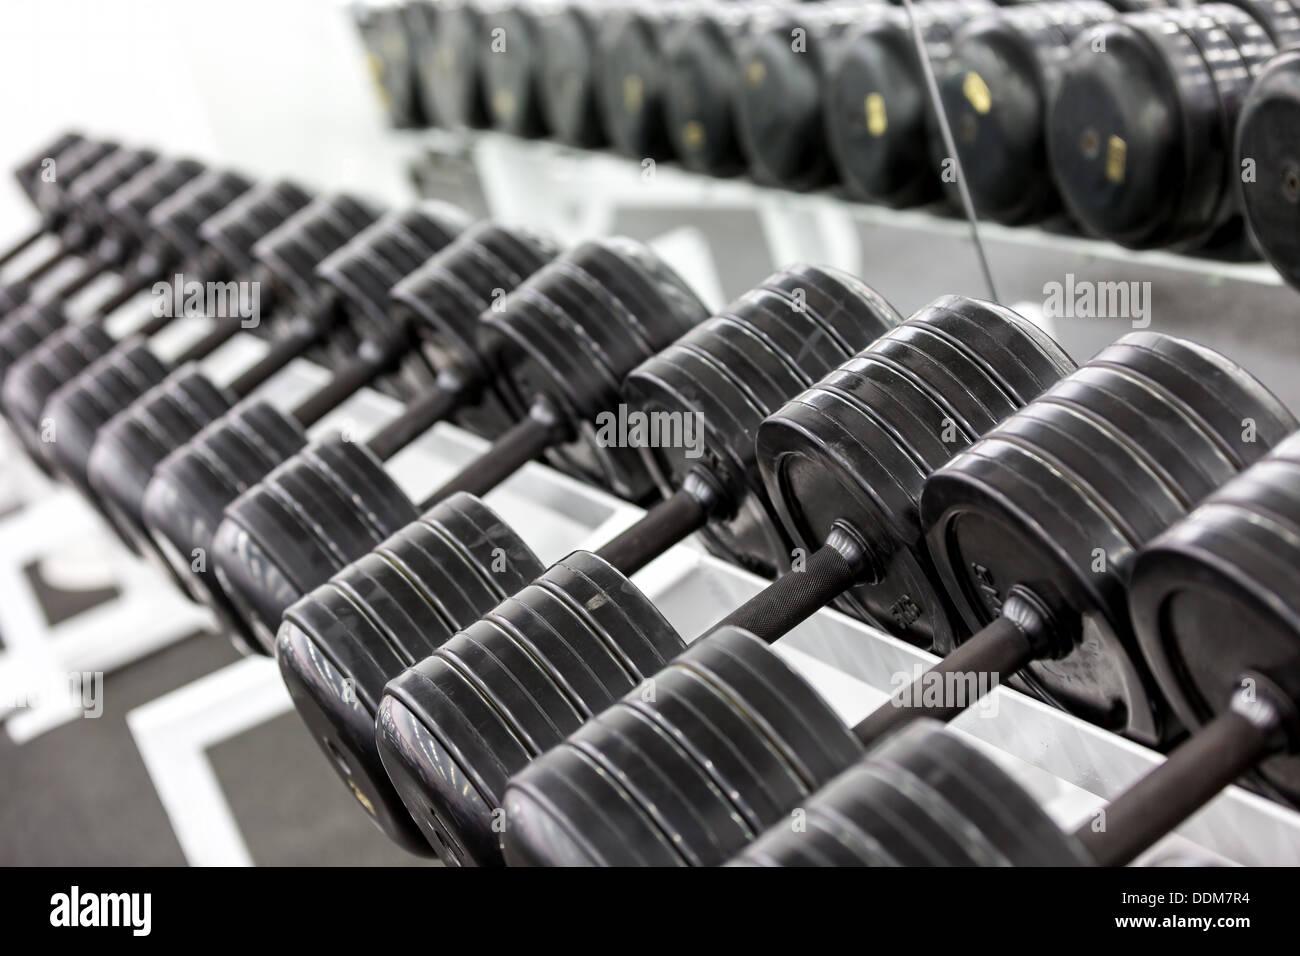 Stand avec haltères. Sports et une salle de remise en forme. L'équipement de formation de poids Photo Stock